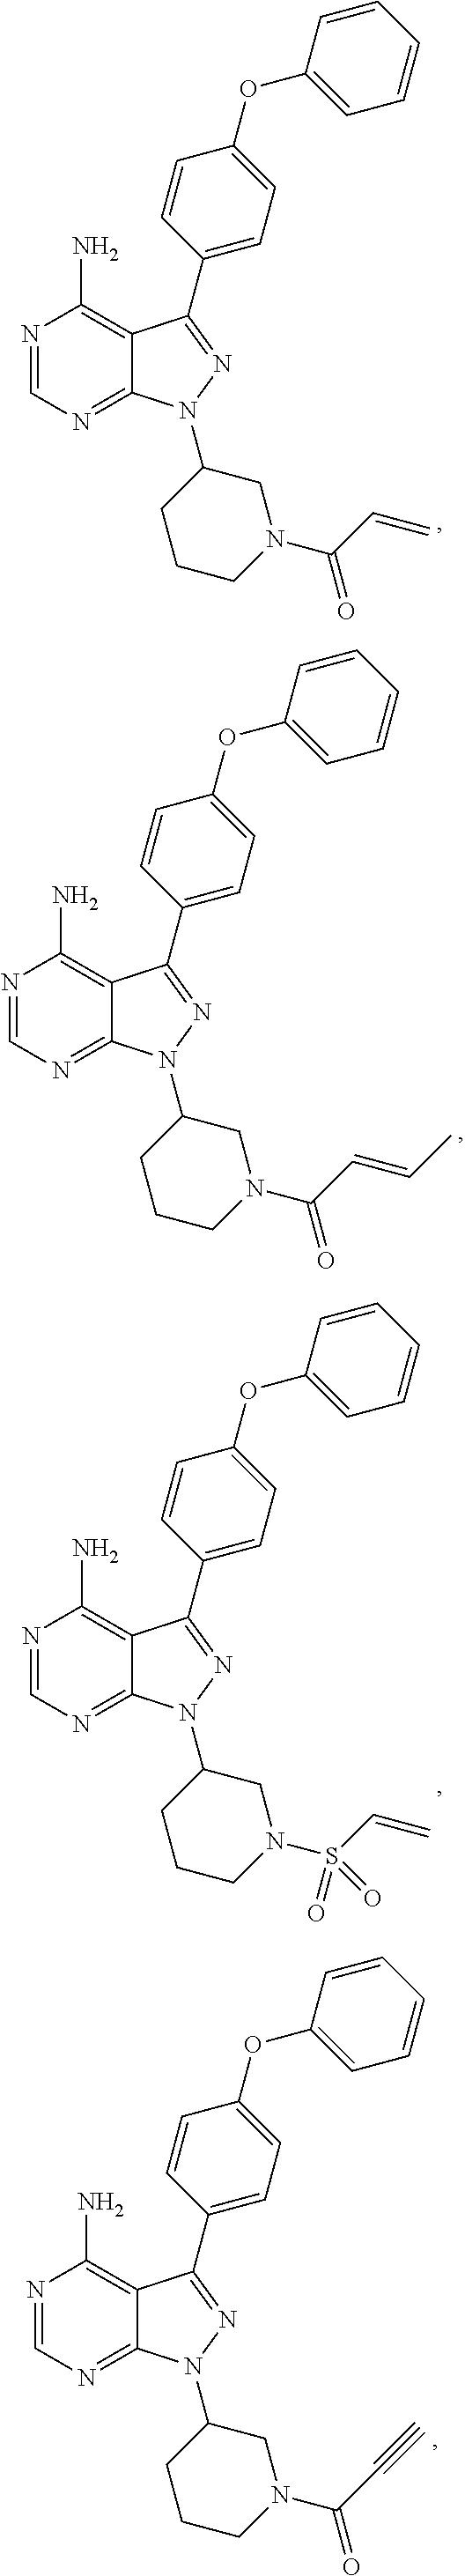 Figure US10004746-20180626-C00041